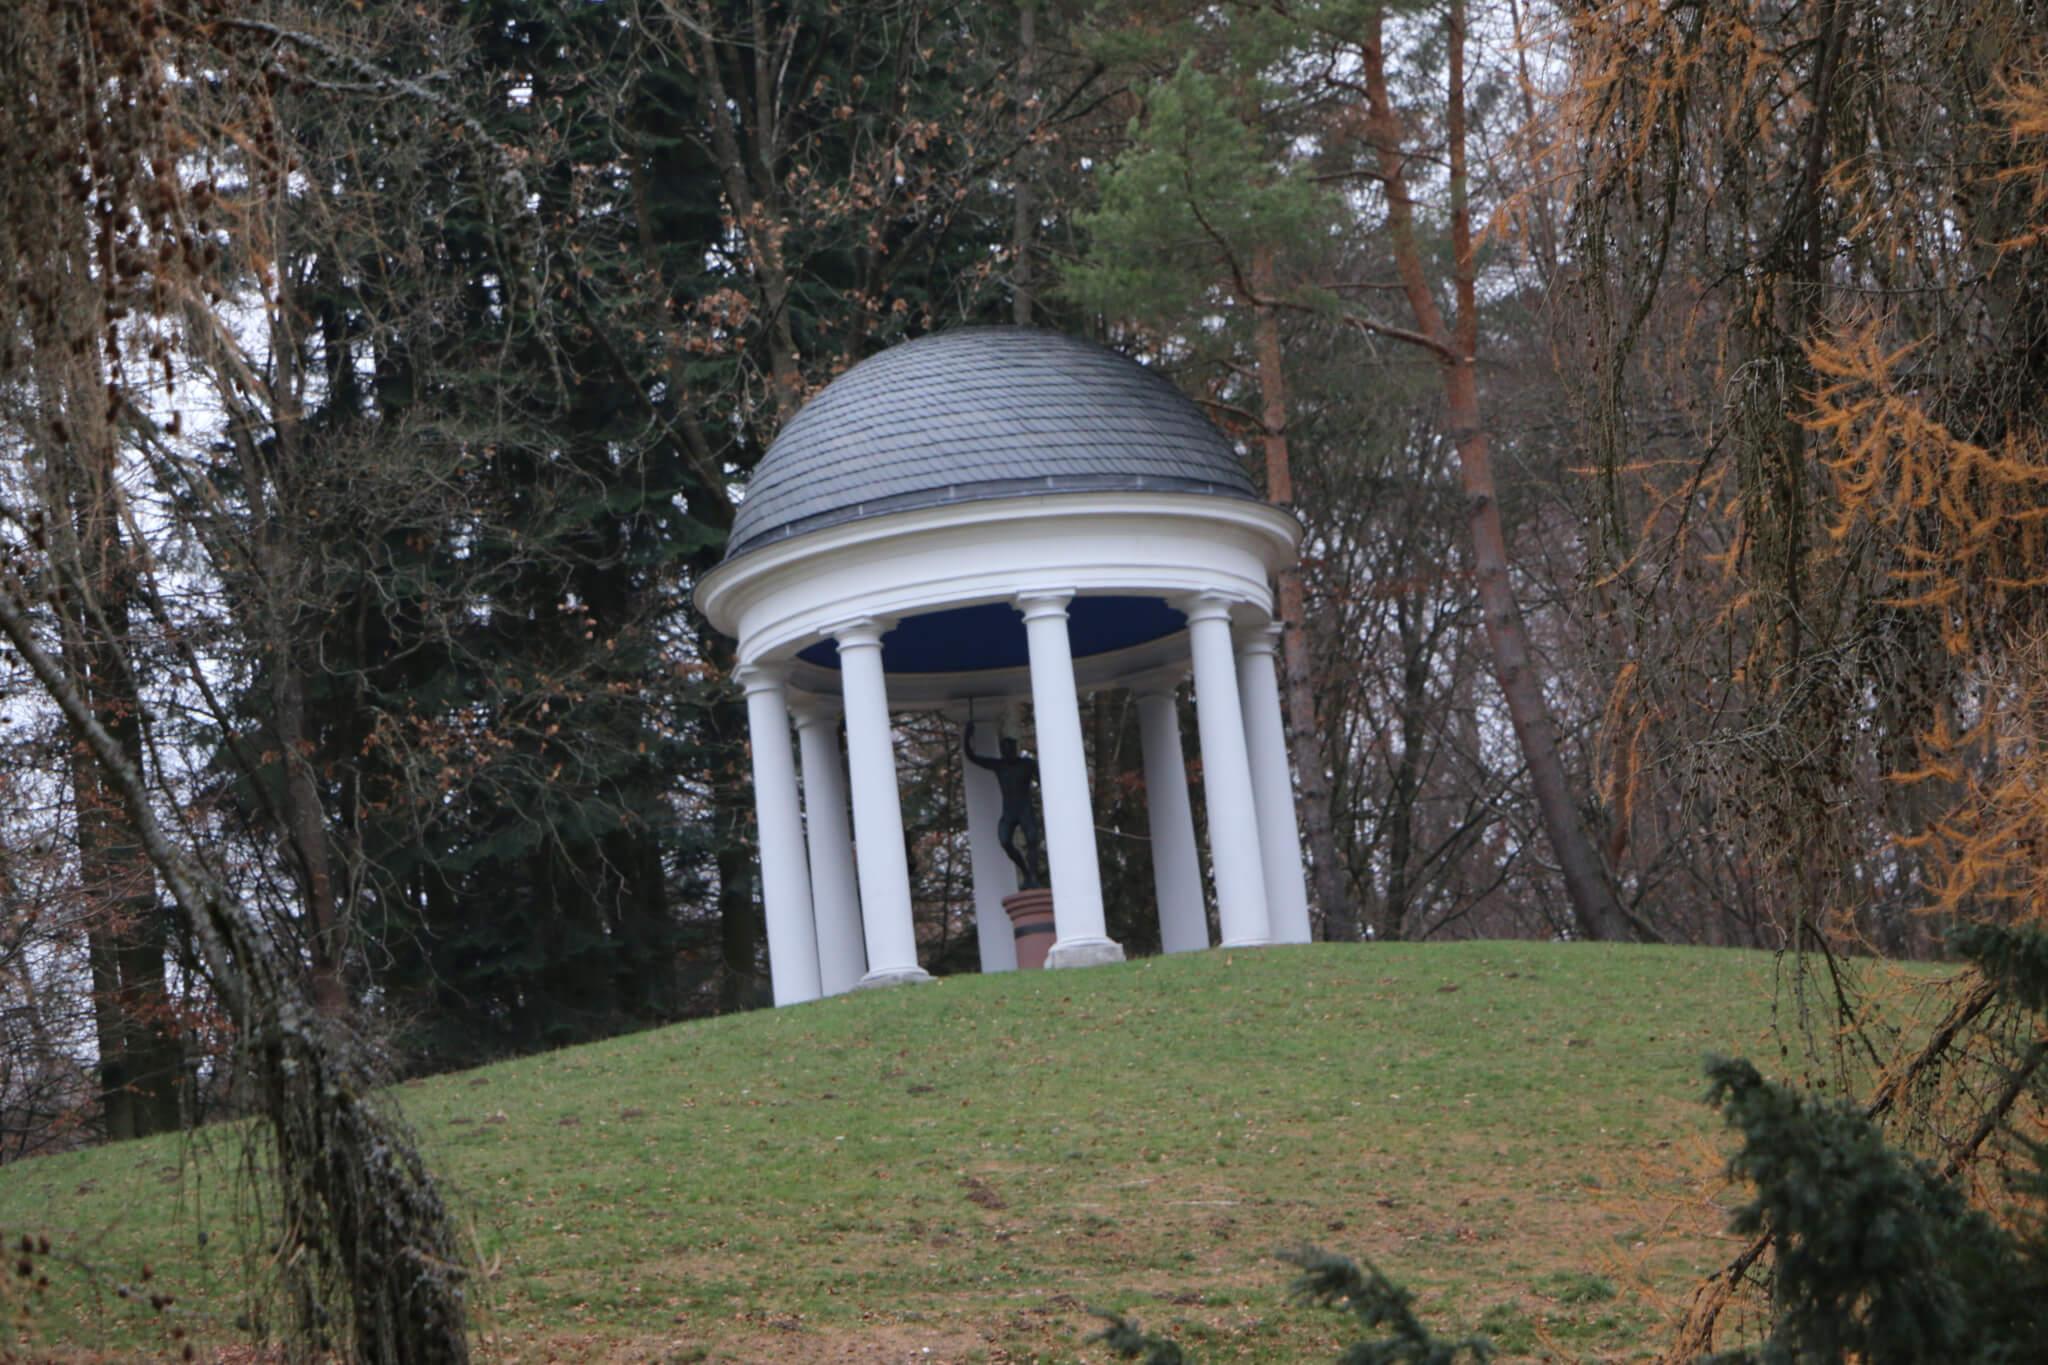 Merkur-Tempel, Bergpark Wilhelmshöhe, Kassel